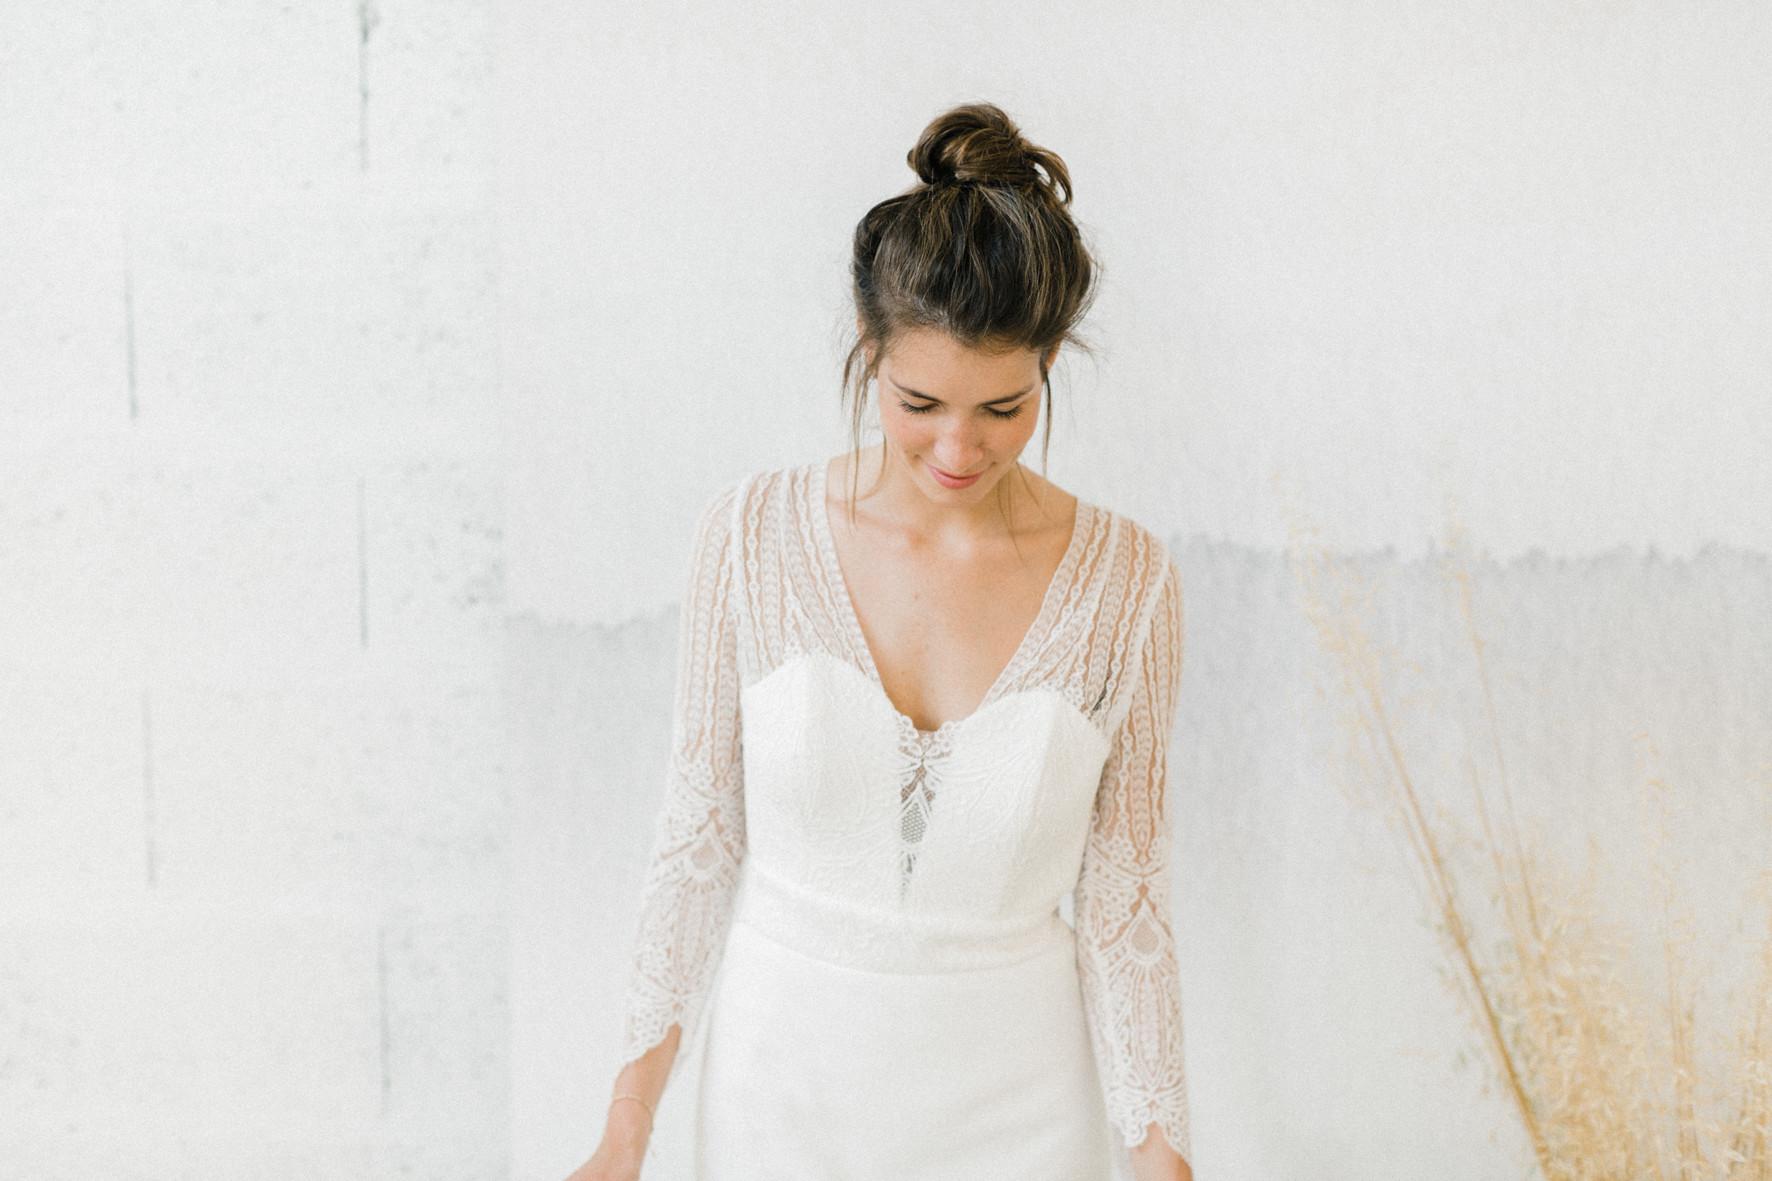 robe de mariée collection 2019 modele lola